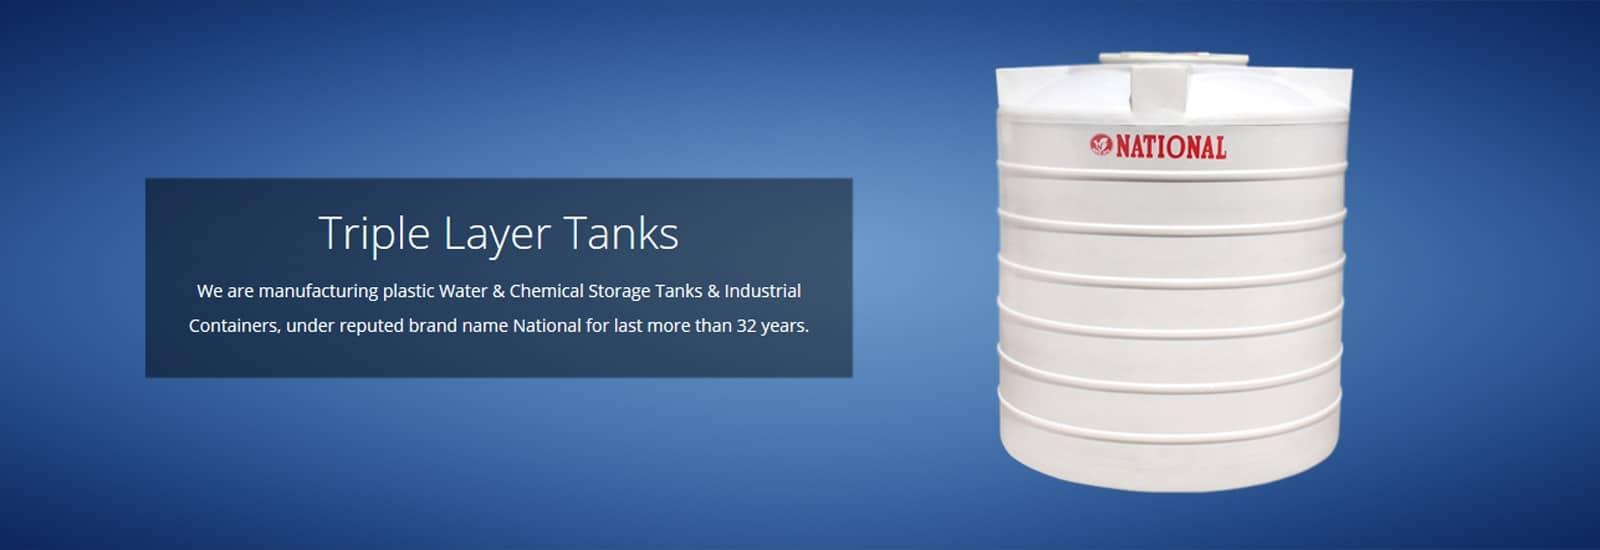 Triple Layer Tanks